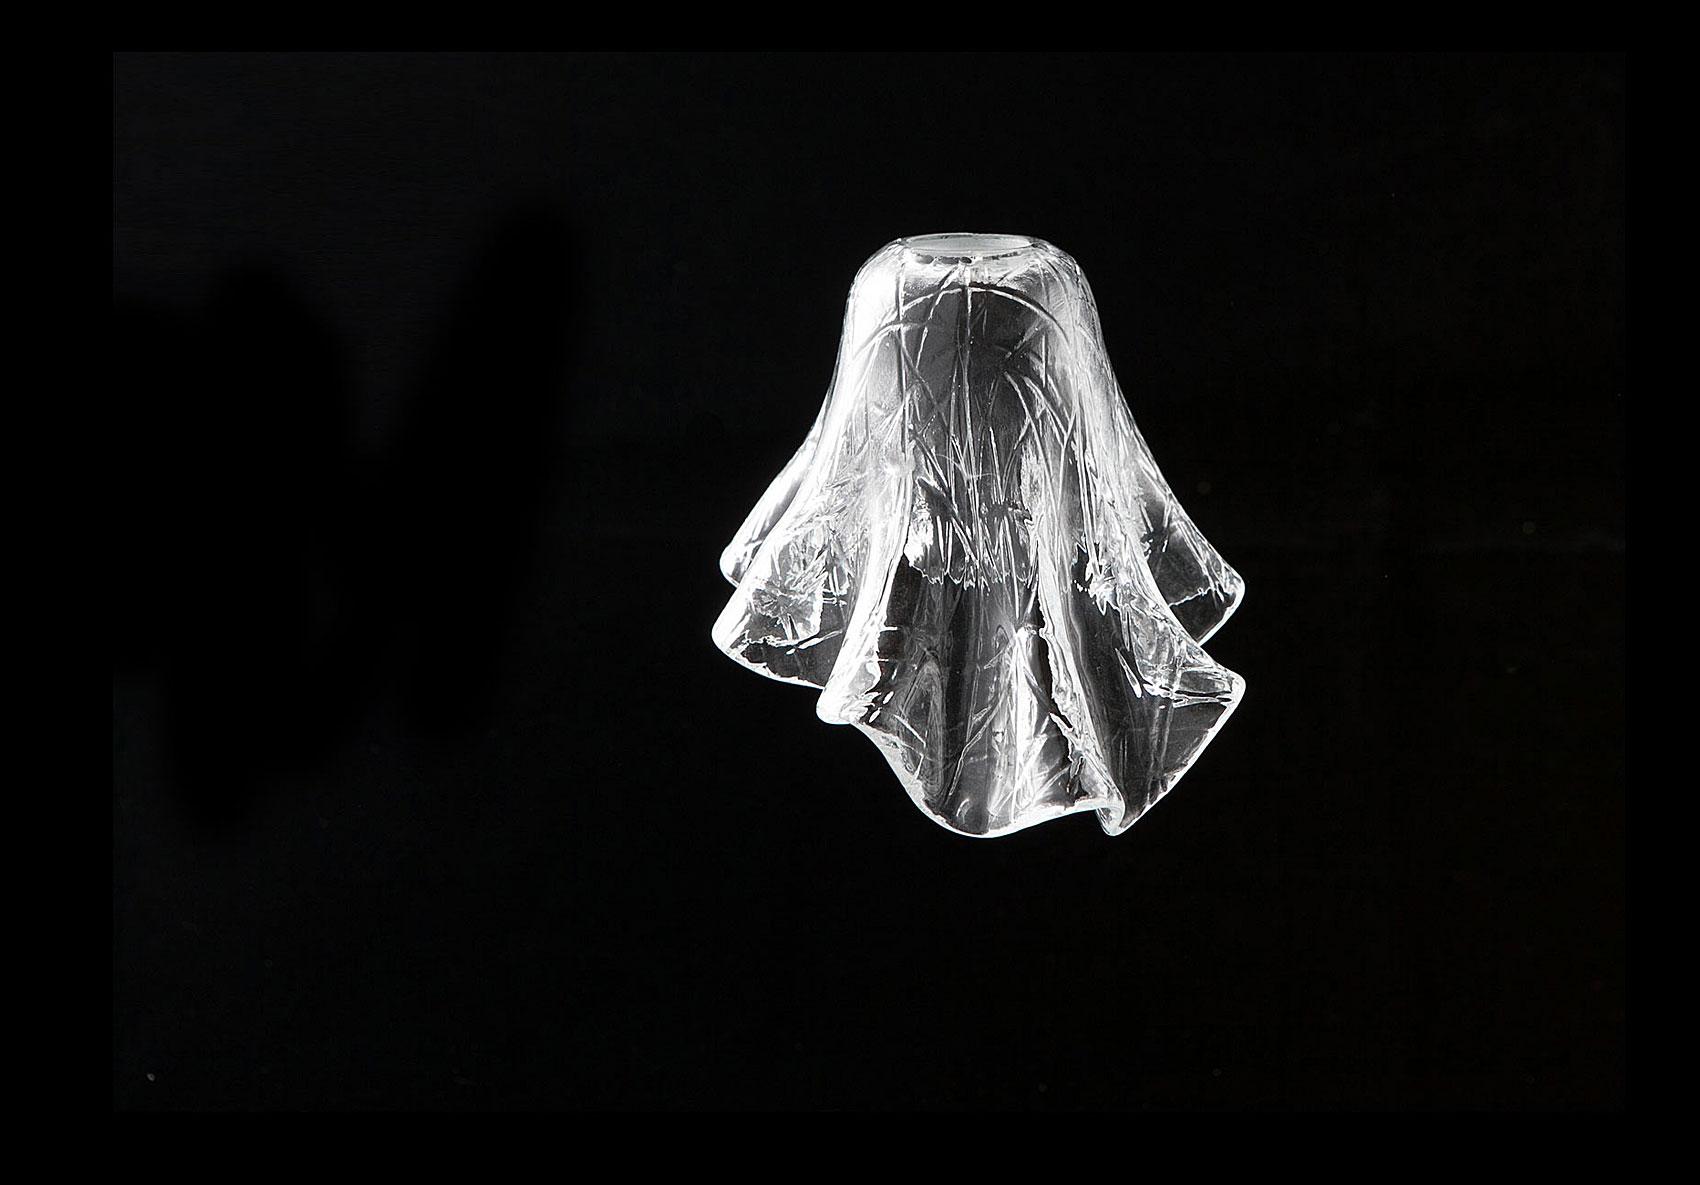 Plafoniere In Vetro Per Lampadari : Vetreria san giuseppe produzione vetro fatto a mano per lampadari